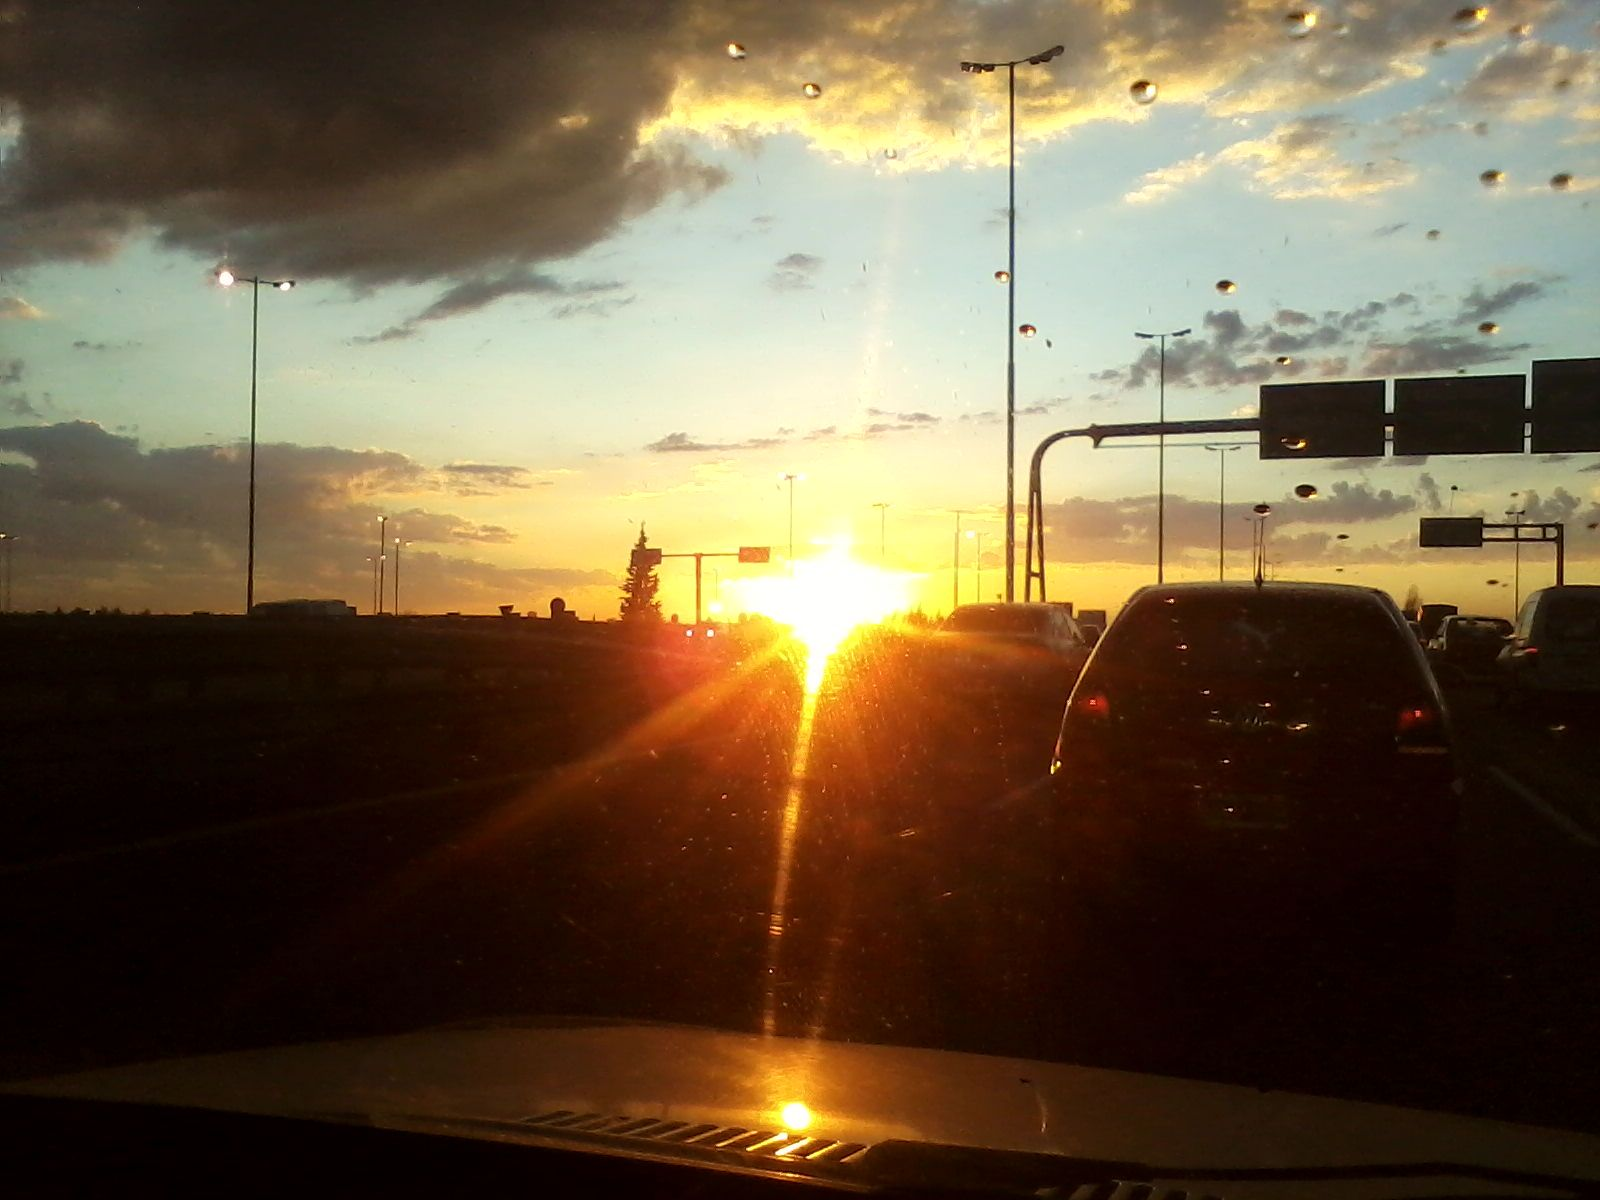 Saliendo el sol sobre la autopista.